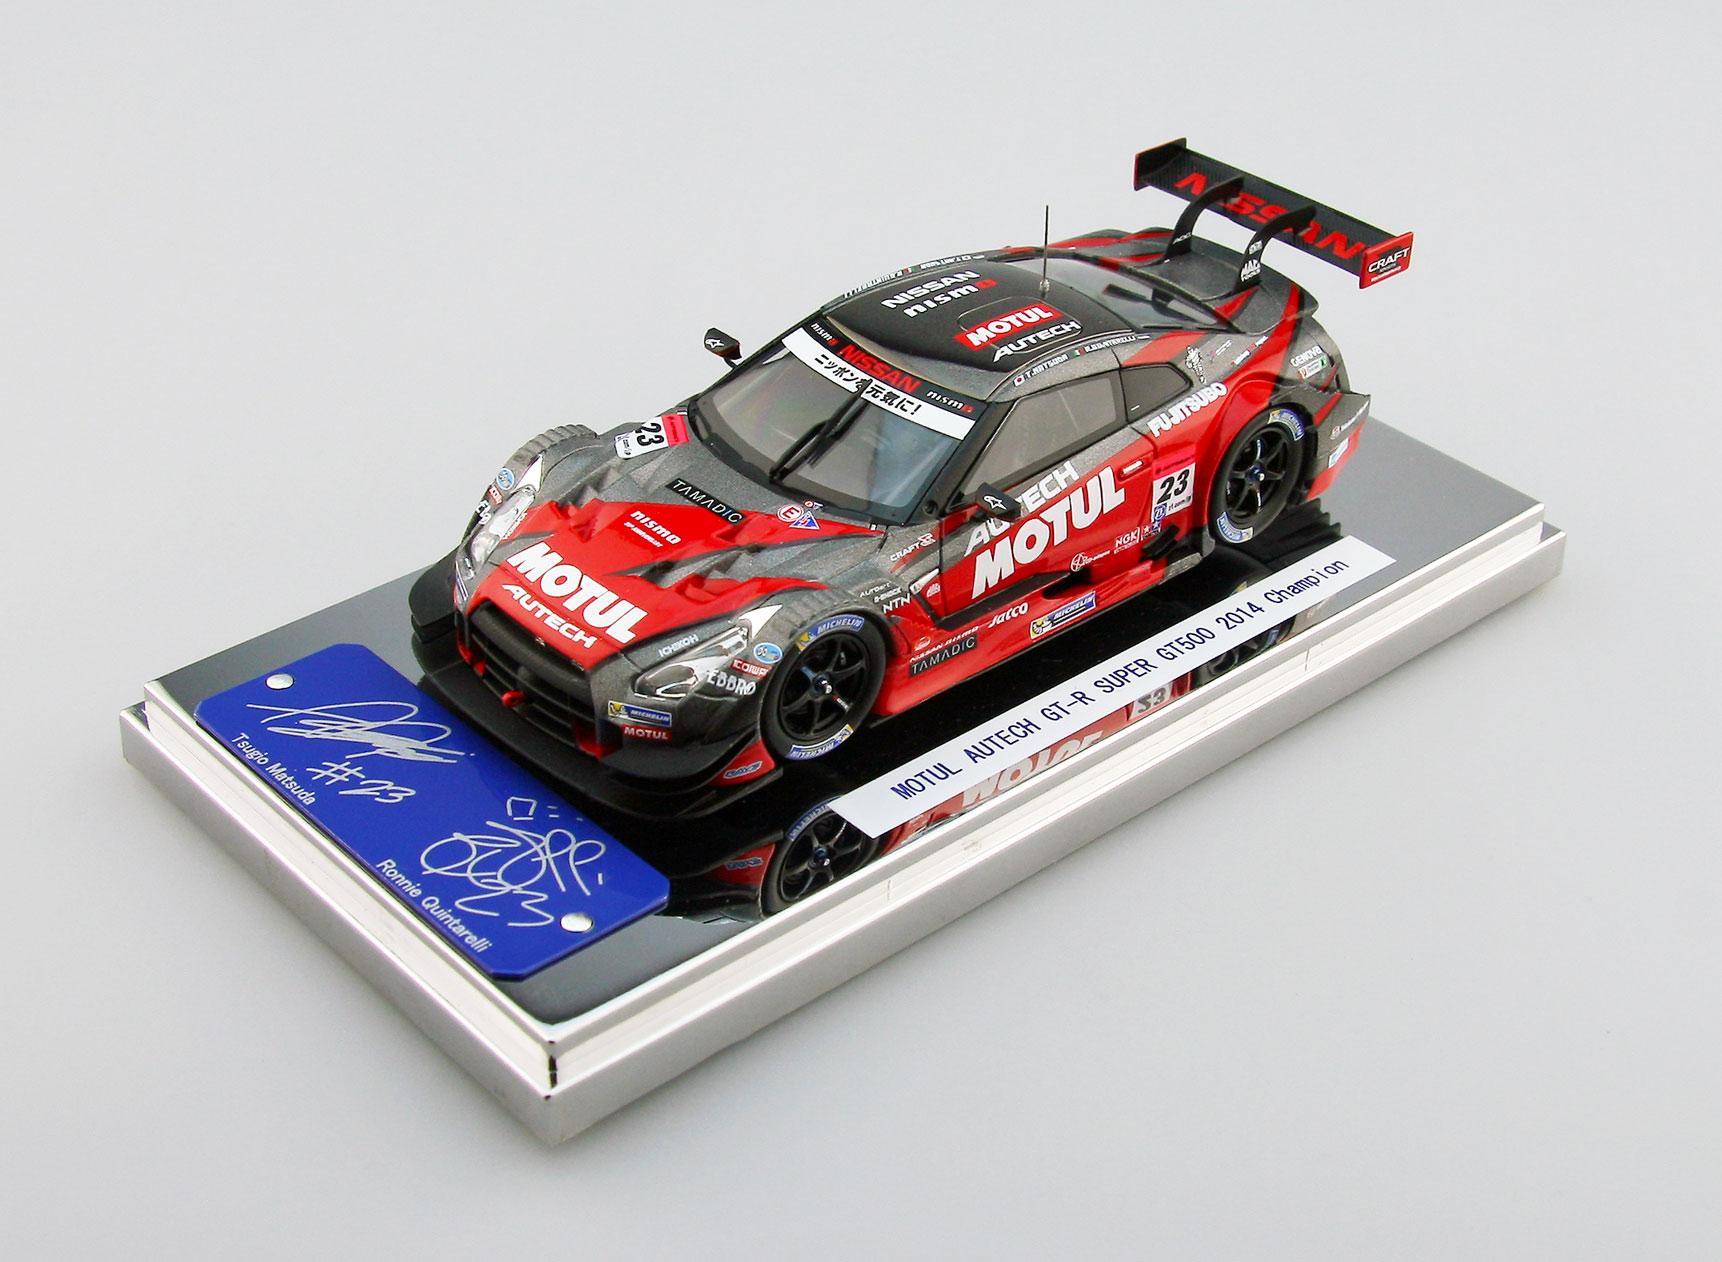 【45107】MOTUL AUTECH GT-R SUPER GT500 2014 No.23 Champion Car